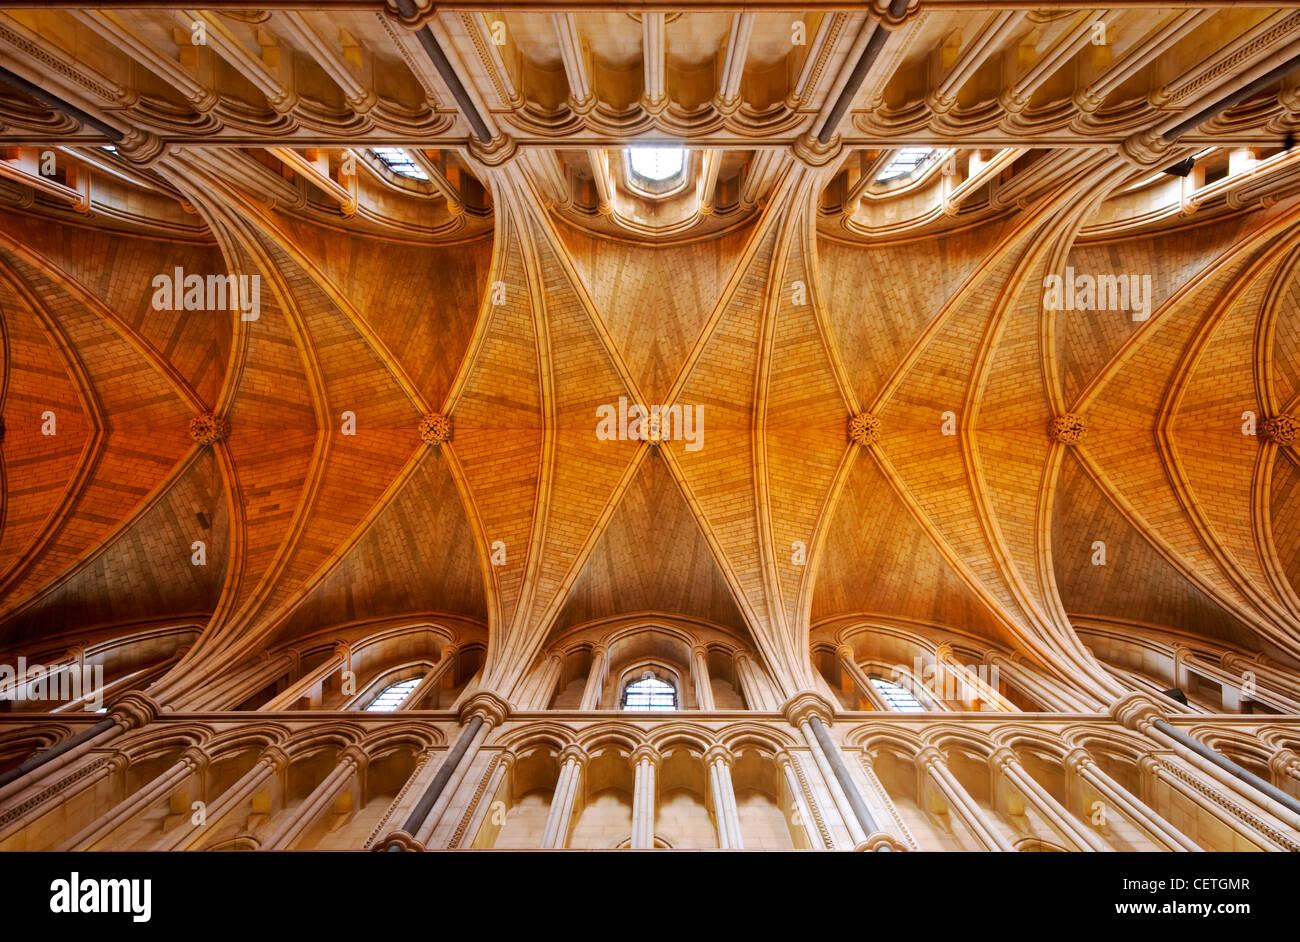 El techo de la Catedral de Southwark. William Shakespeare se cree que han estado presentes cuando John Harvard, Imagen De Stock